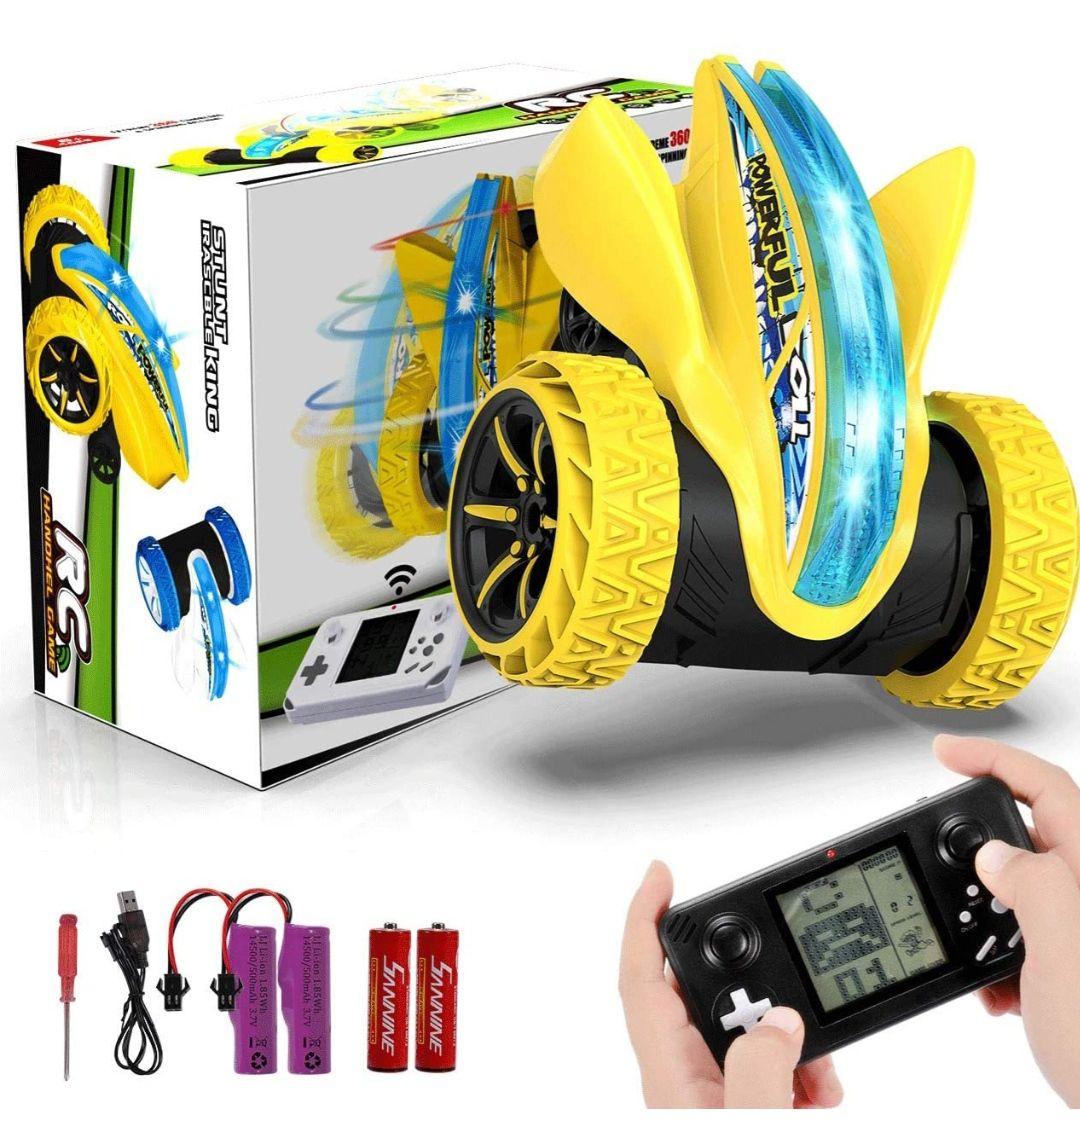 Coche Teledirigido, 4WD 2.4GHz, bateria recargable, giro 360°, acrobacia